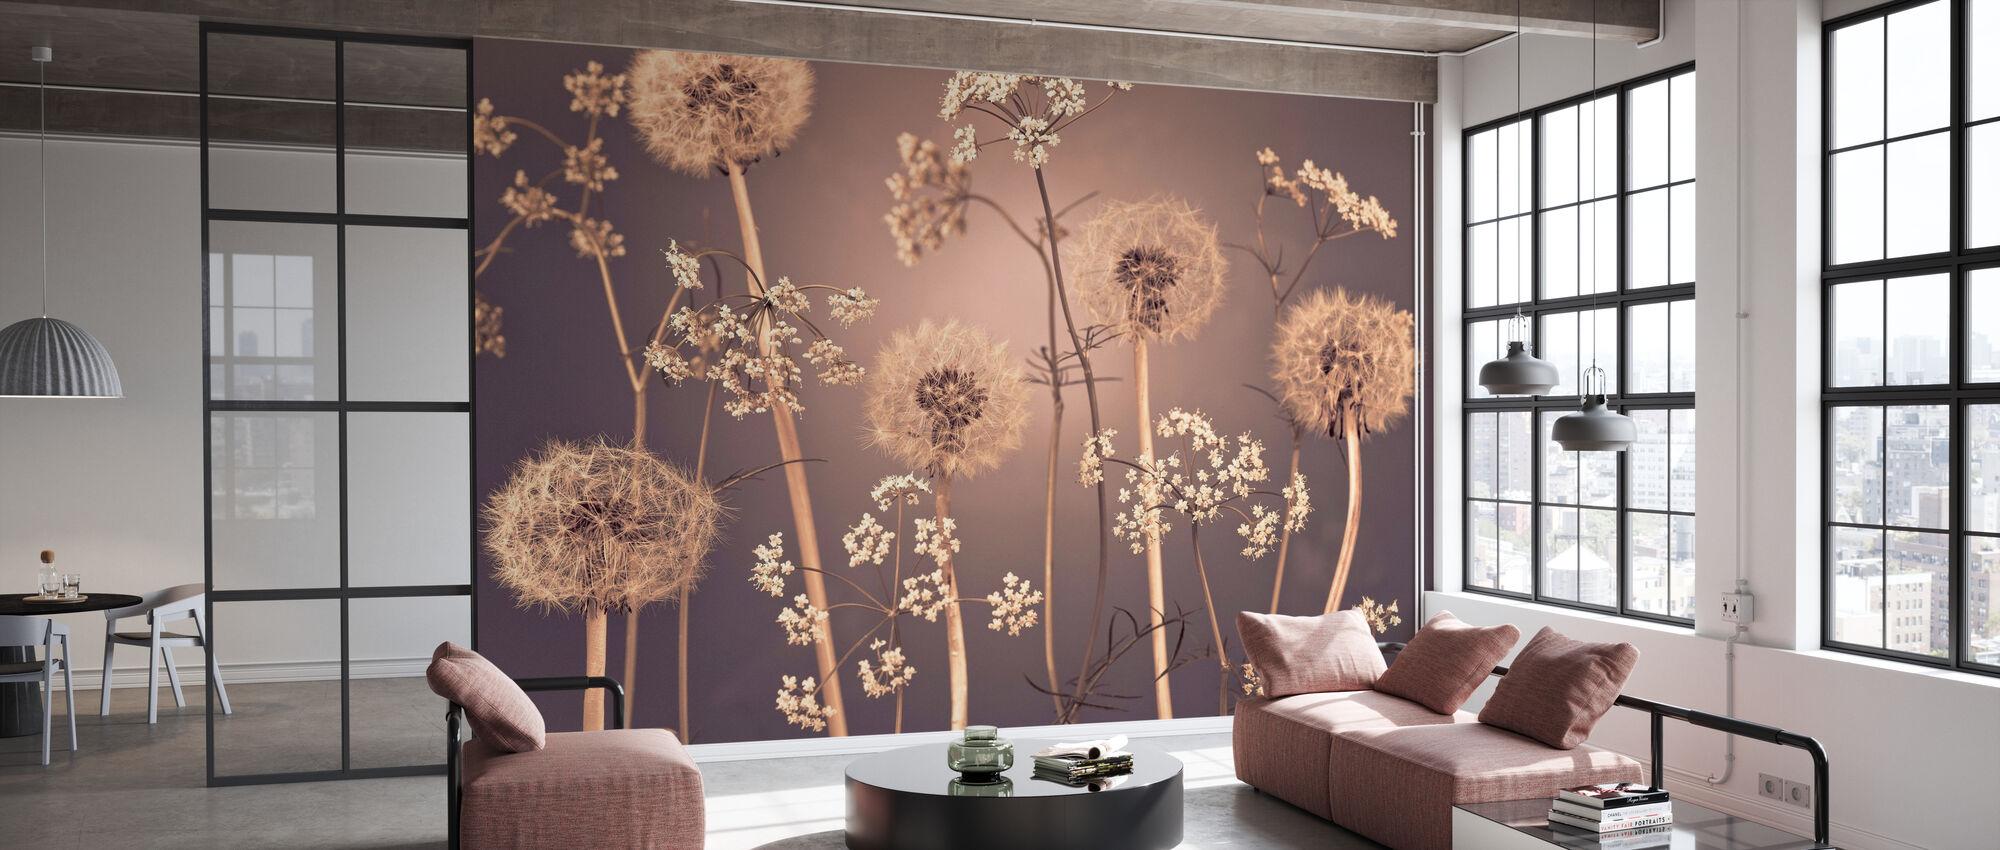 Meadow Flowers - Wallpaper - Office